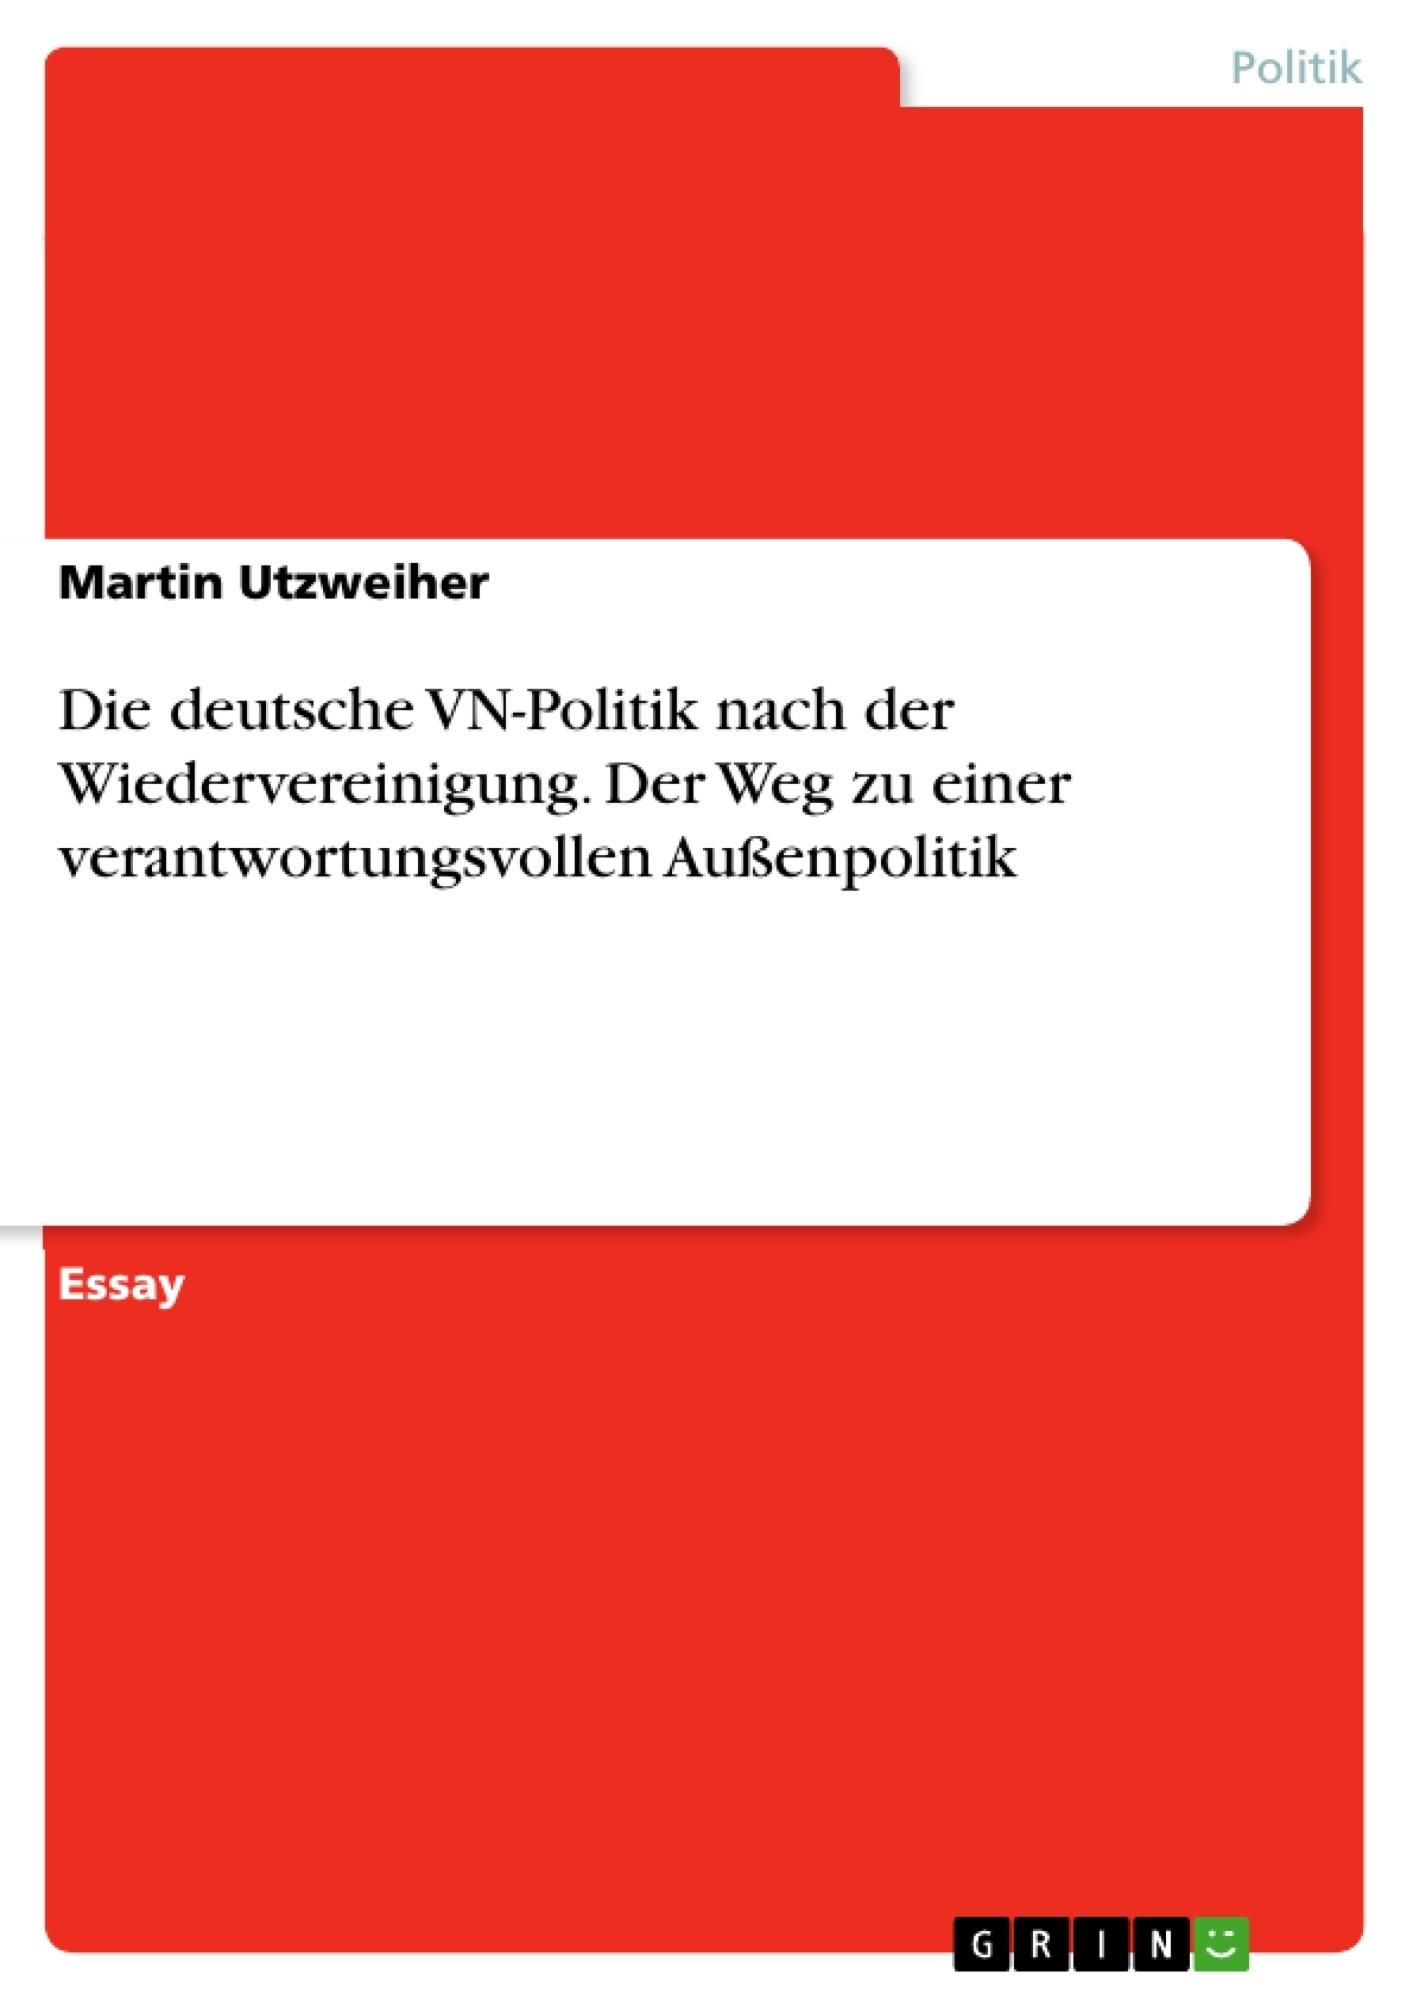 Titel: Die deutsche VN-Politik nach der Wiedervereinigung. Der Weg zu einer verantwortungsvollen Außenpolitik